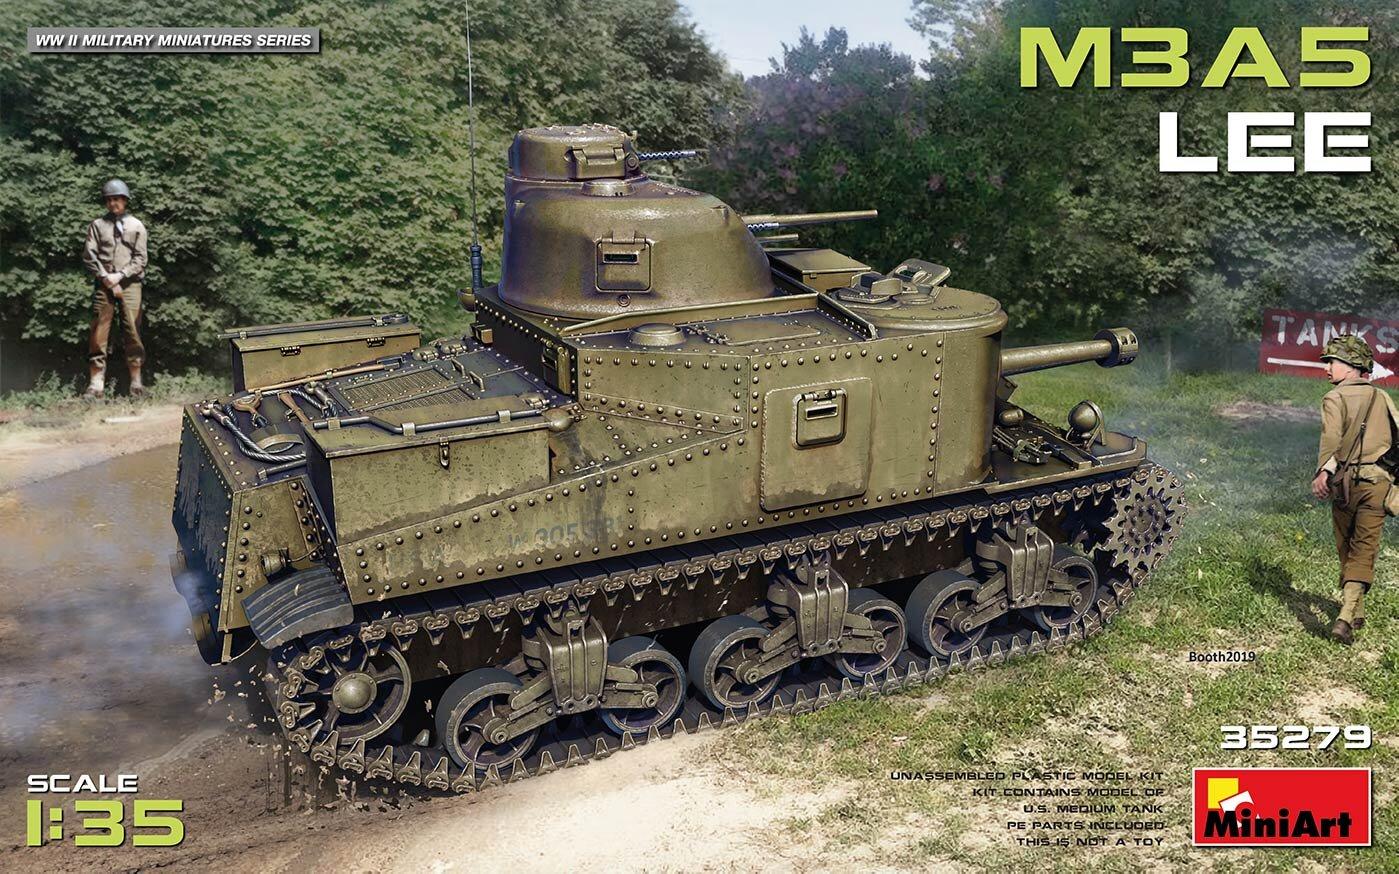 MINIART # 35279 1-35 M3A5 LEE.JPG